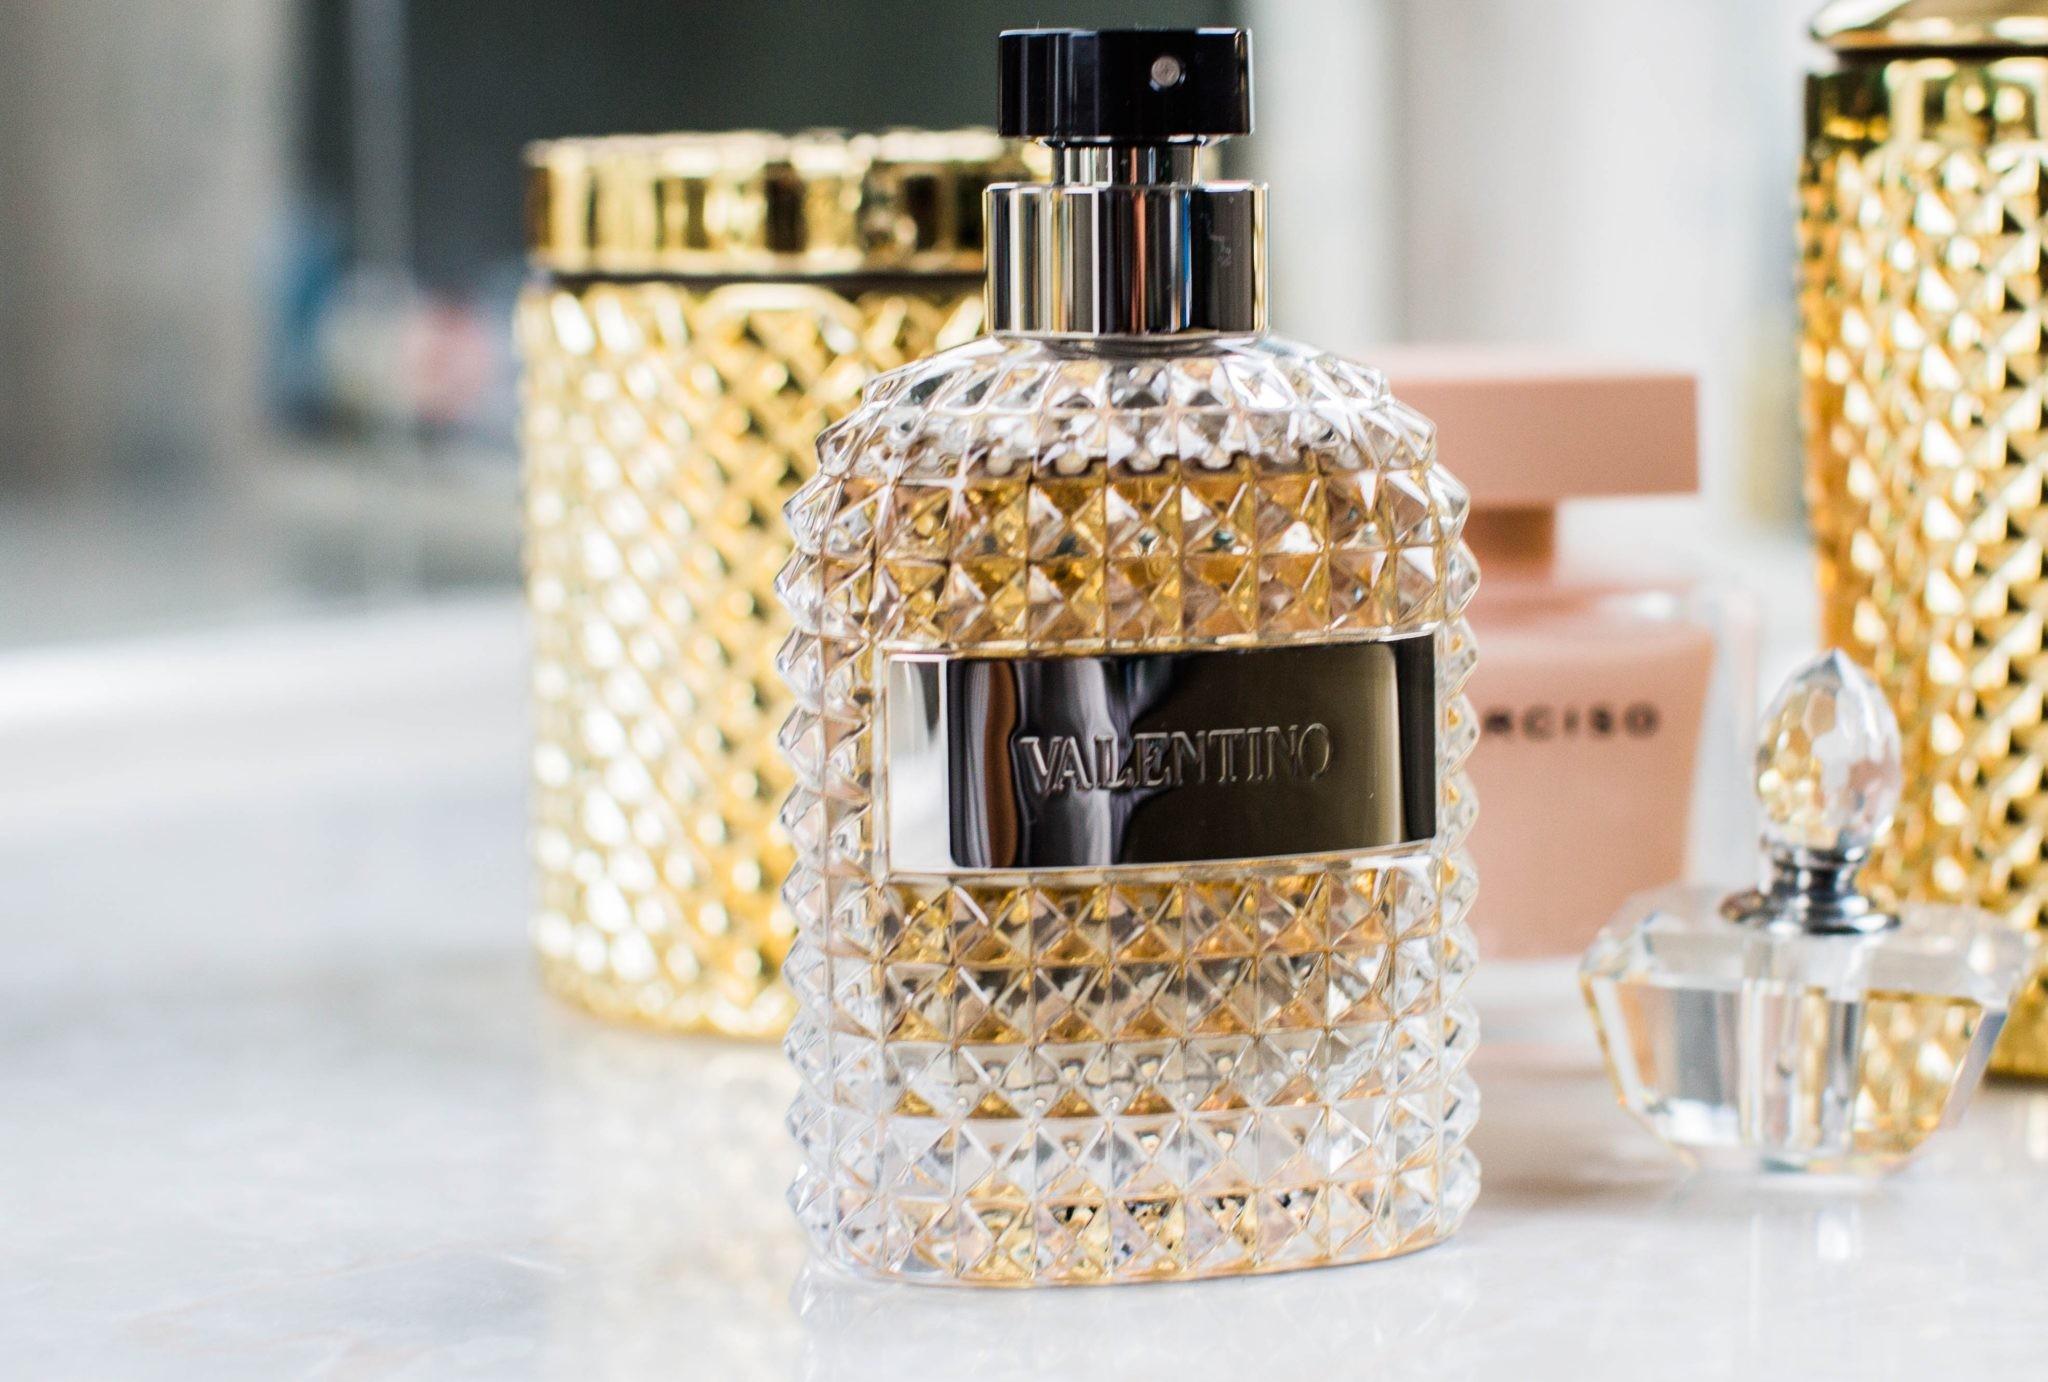 Есть ли смысл платить за духи с феромонами? 6 вопросов парфюмеру